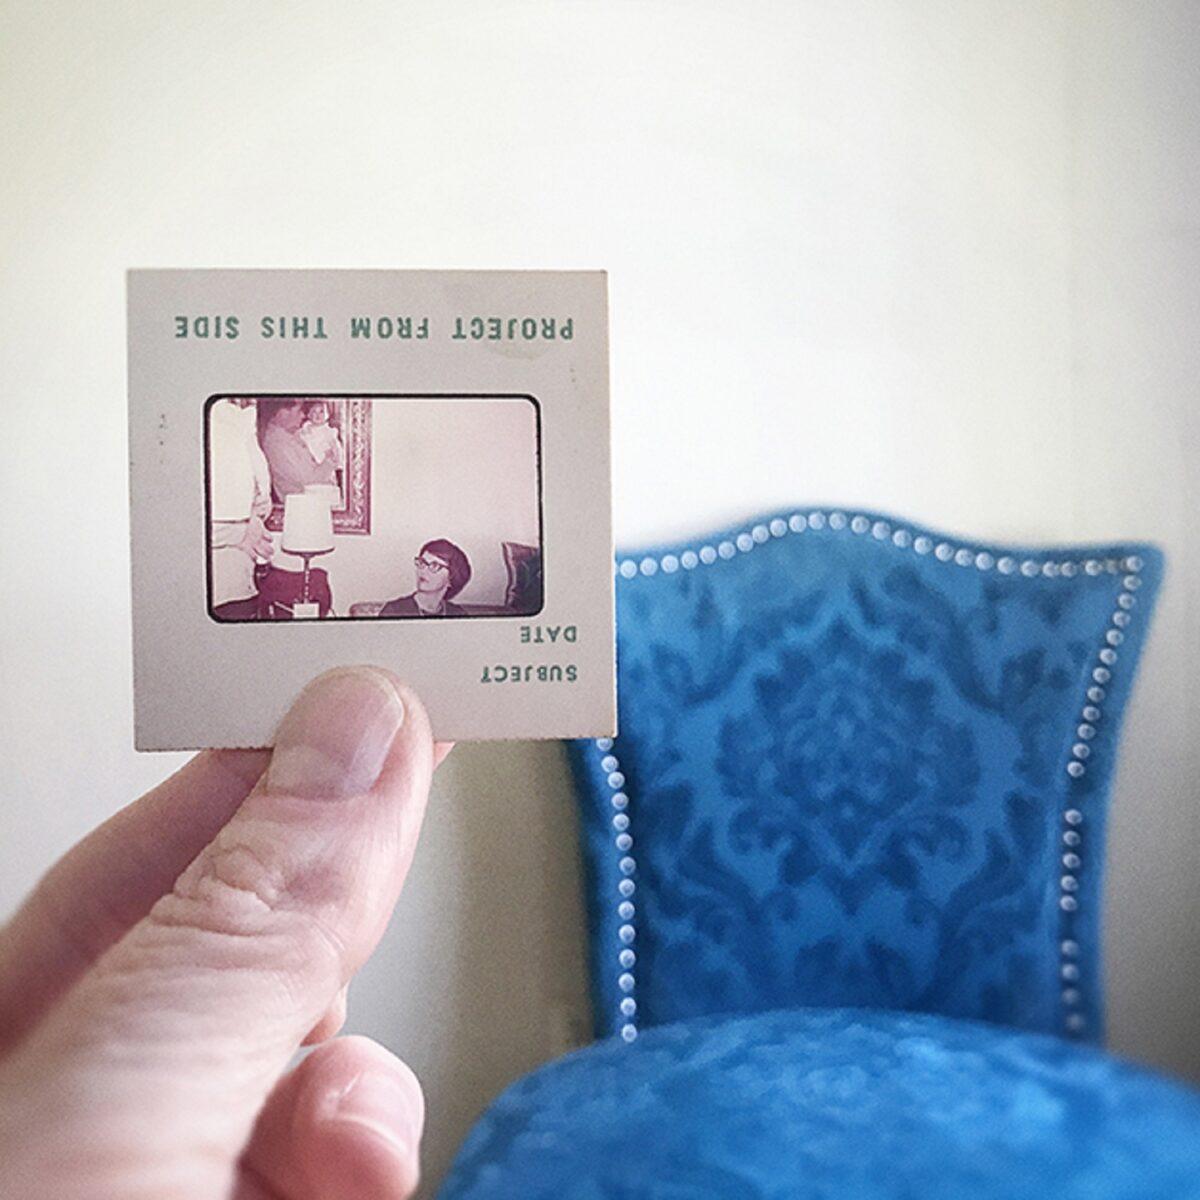 No Memory is Ever Alone projeto usa fotografias para mostrar a passagem do tempo 4